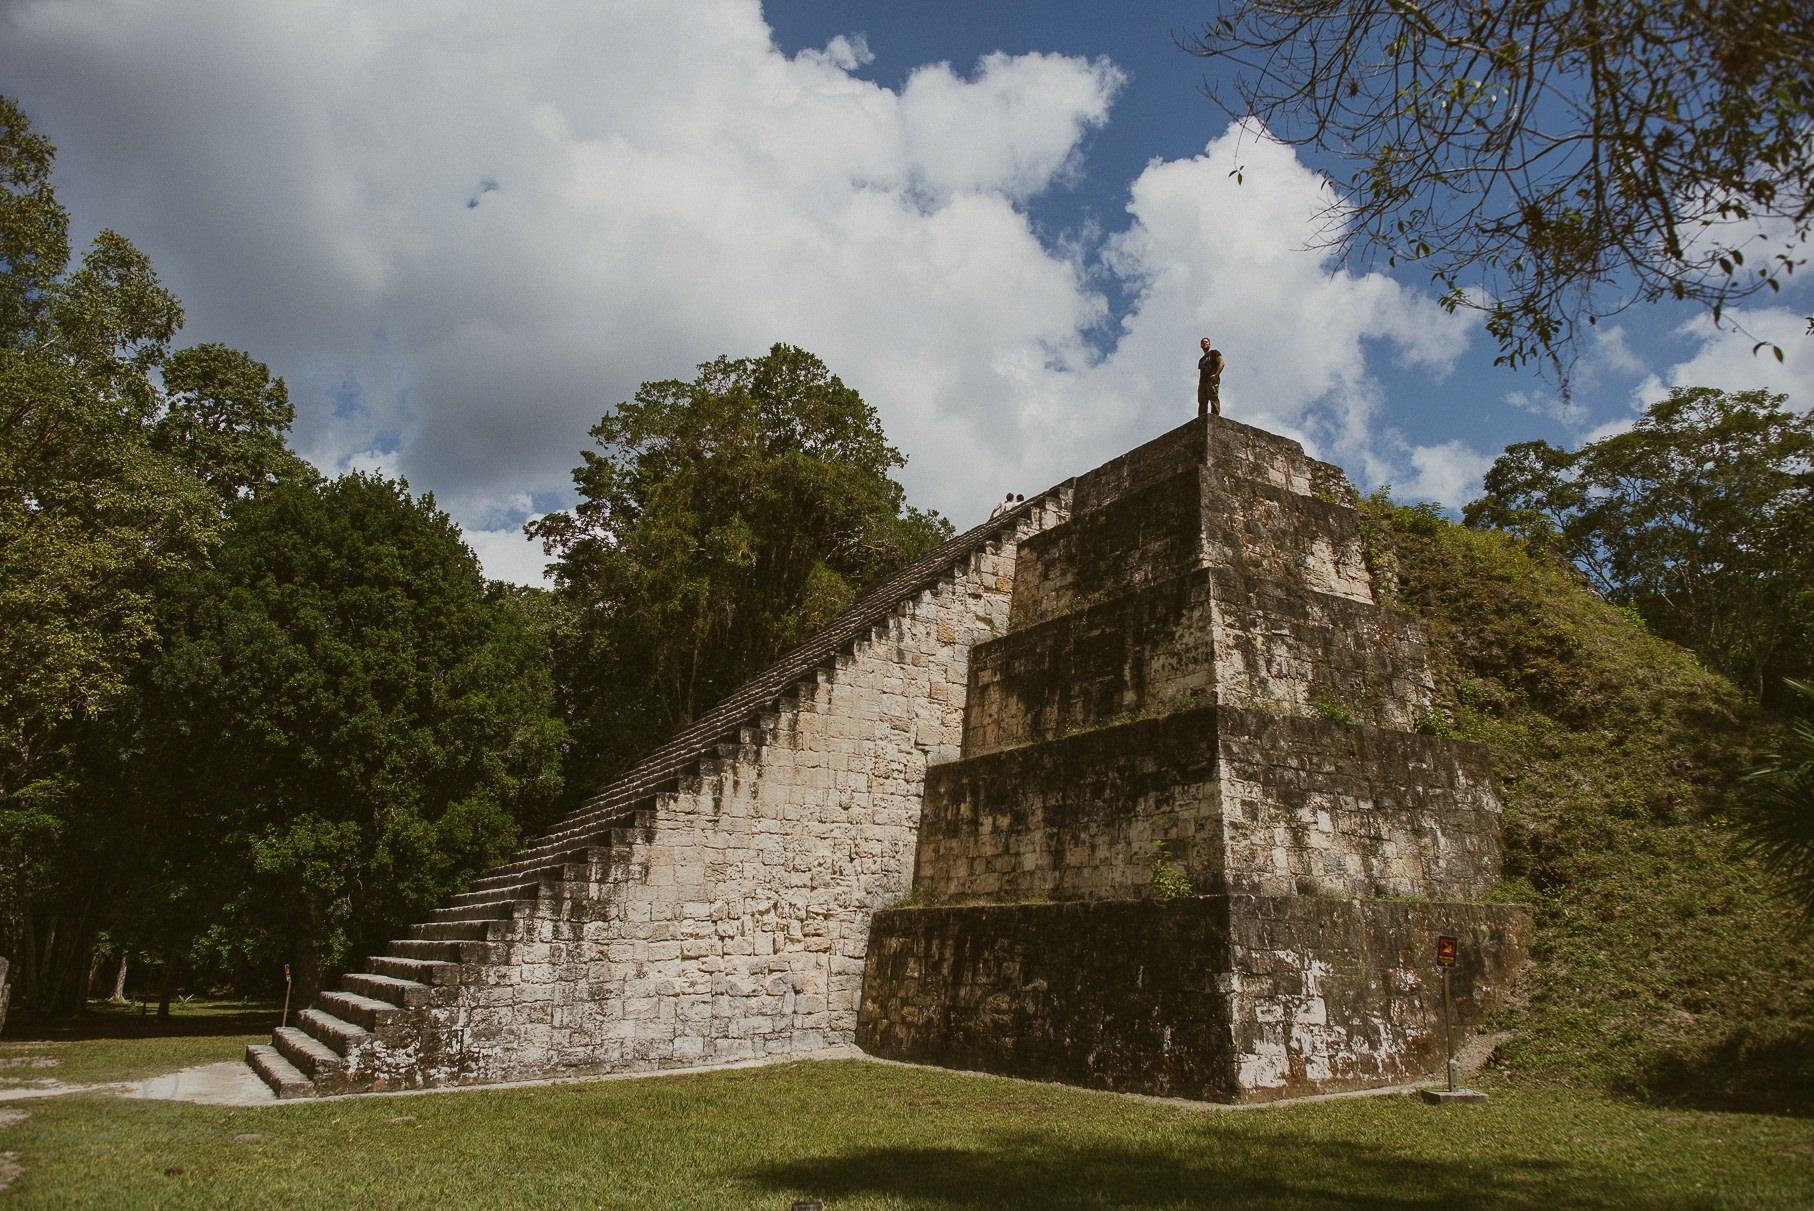 0217 anne und bjoern guatemala 811 4115 - 4 Wochen durch Guatemala - backpacking durch Mittelamerika